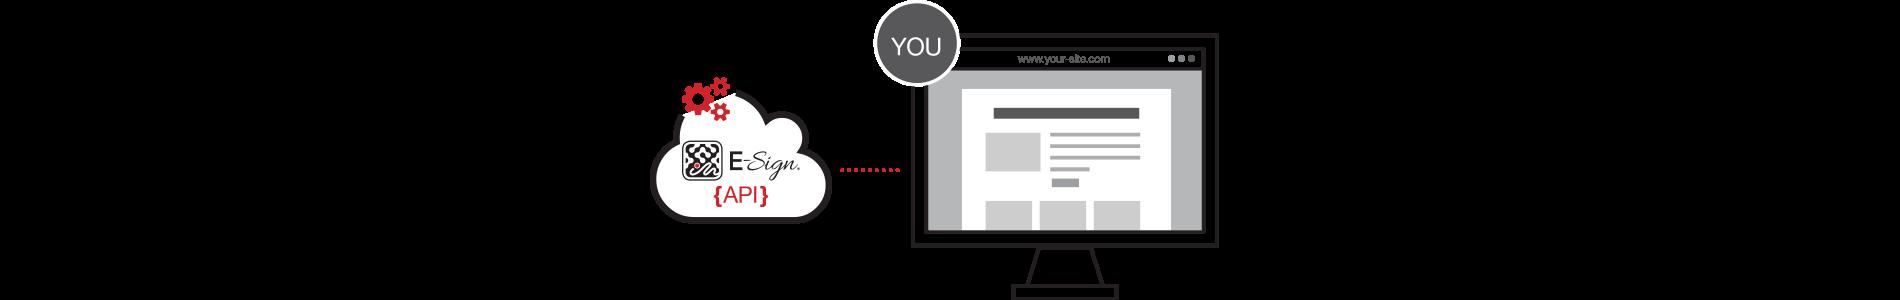 e-sign-api-your-site-main